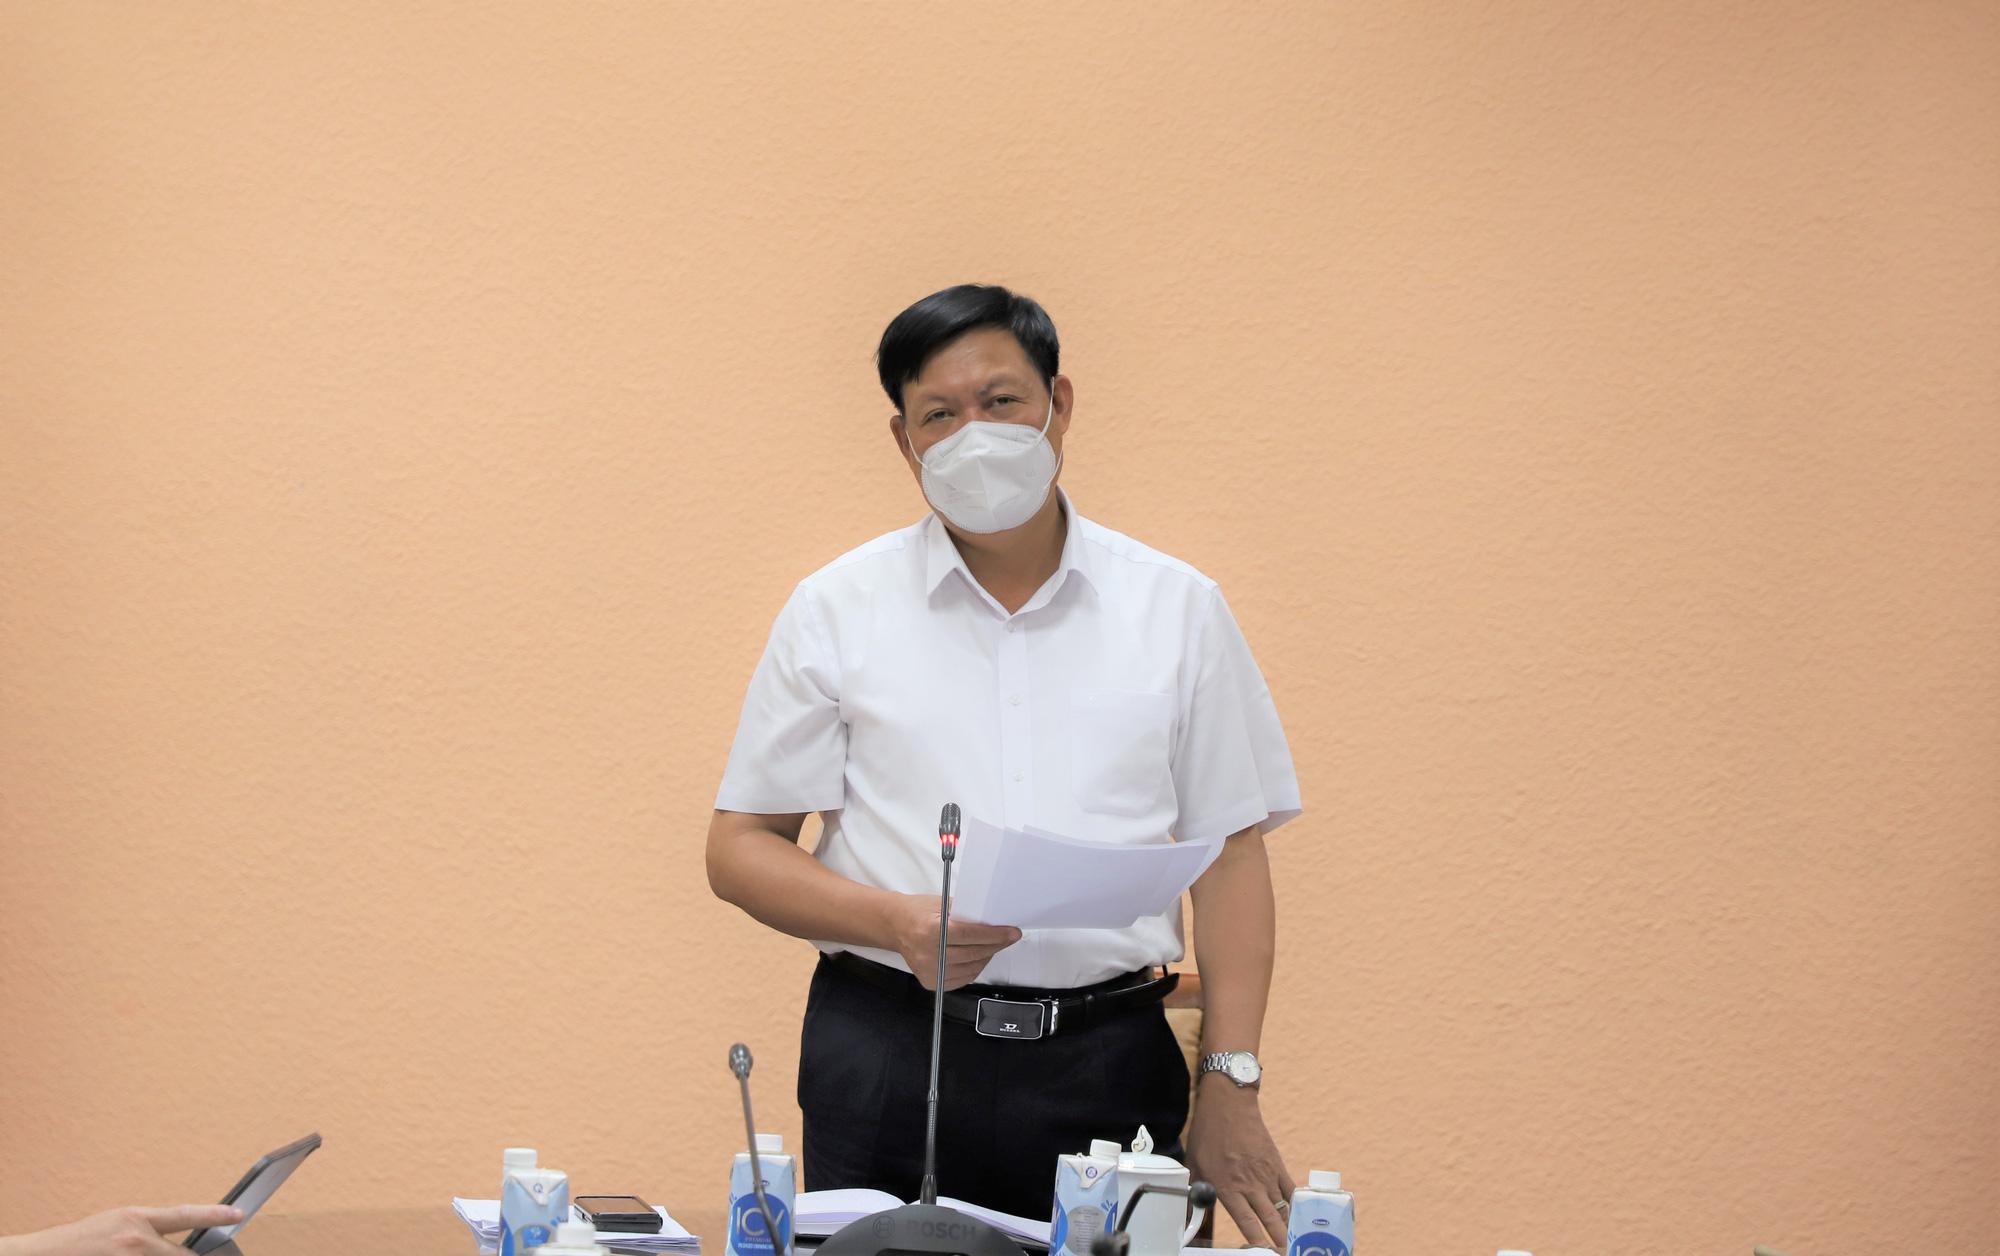 Thứ trưởng Bộ Y tế: Số ca mắc COVID-19 tại nhiều địa phương ở miền Tây giảm, nhưng không chủ quan   - Ảnh 1.